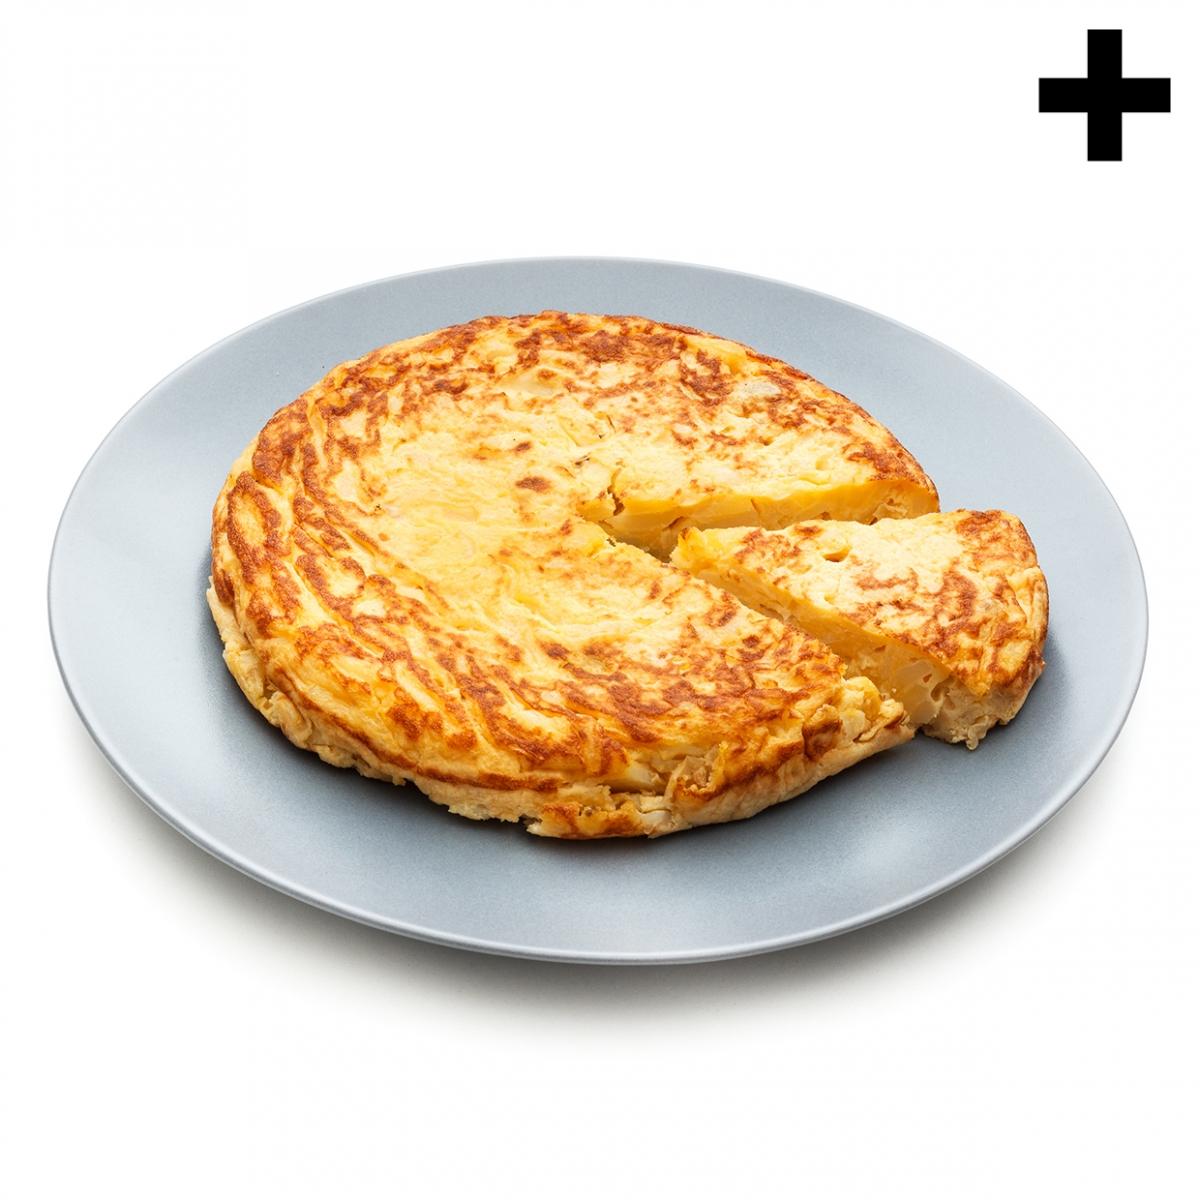 Imagen en la que se ve un plato con una tortilla de patata entera a la que se le ha cortado un trozo que sobresale ligeramente de la tortilla